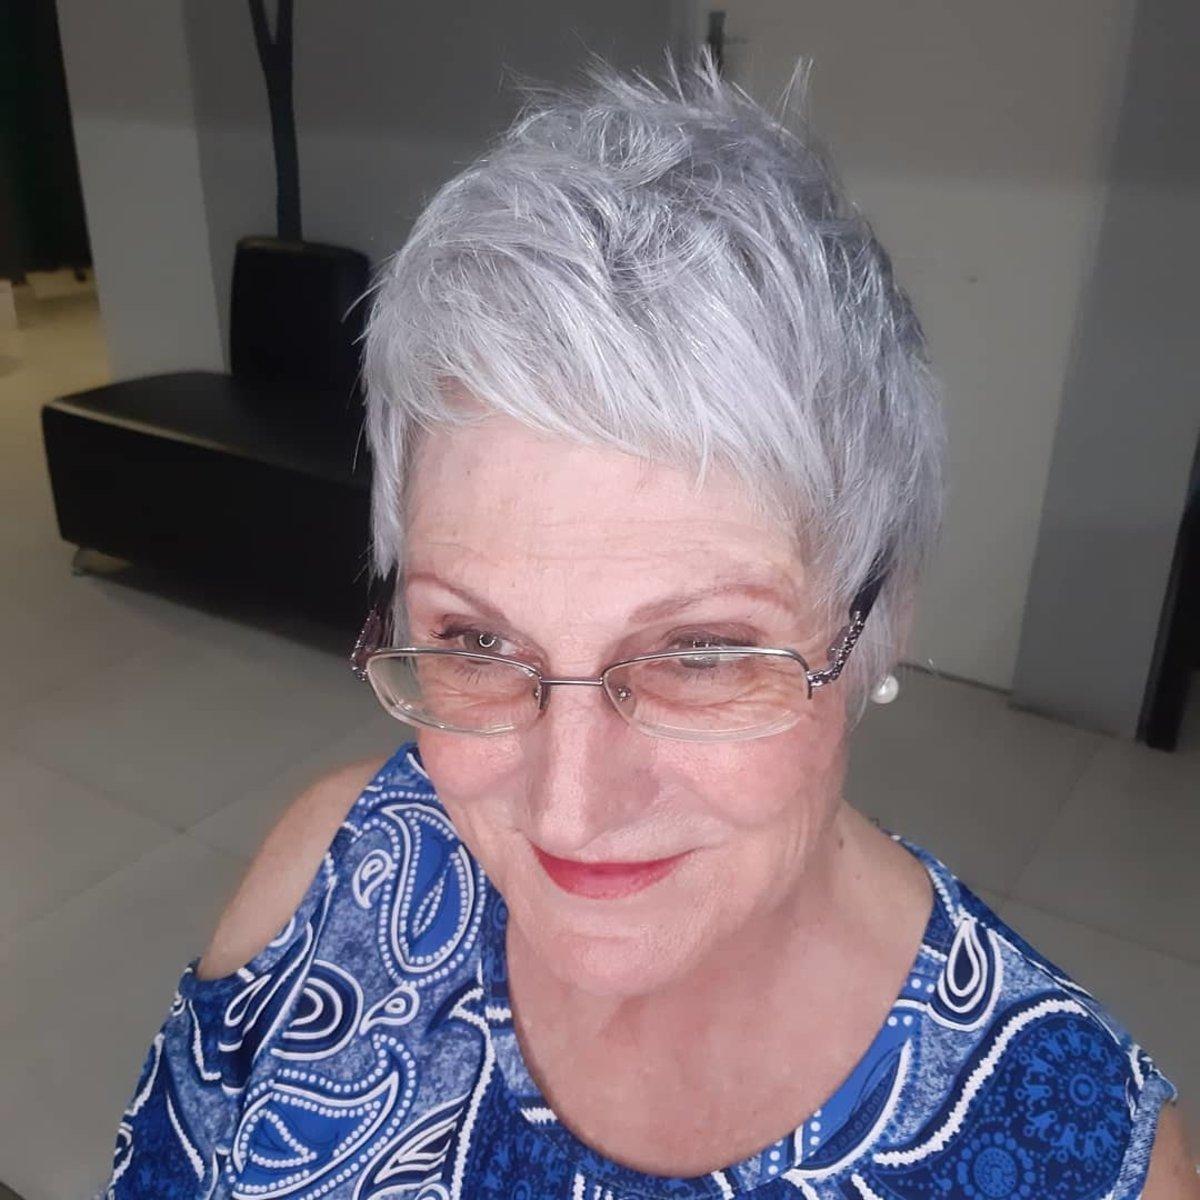 duendecillo muy corto para cabello grueso de más de 60